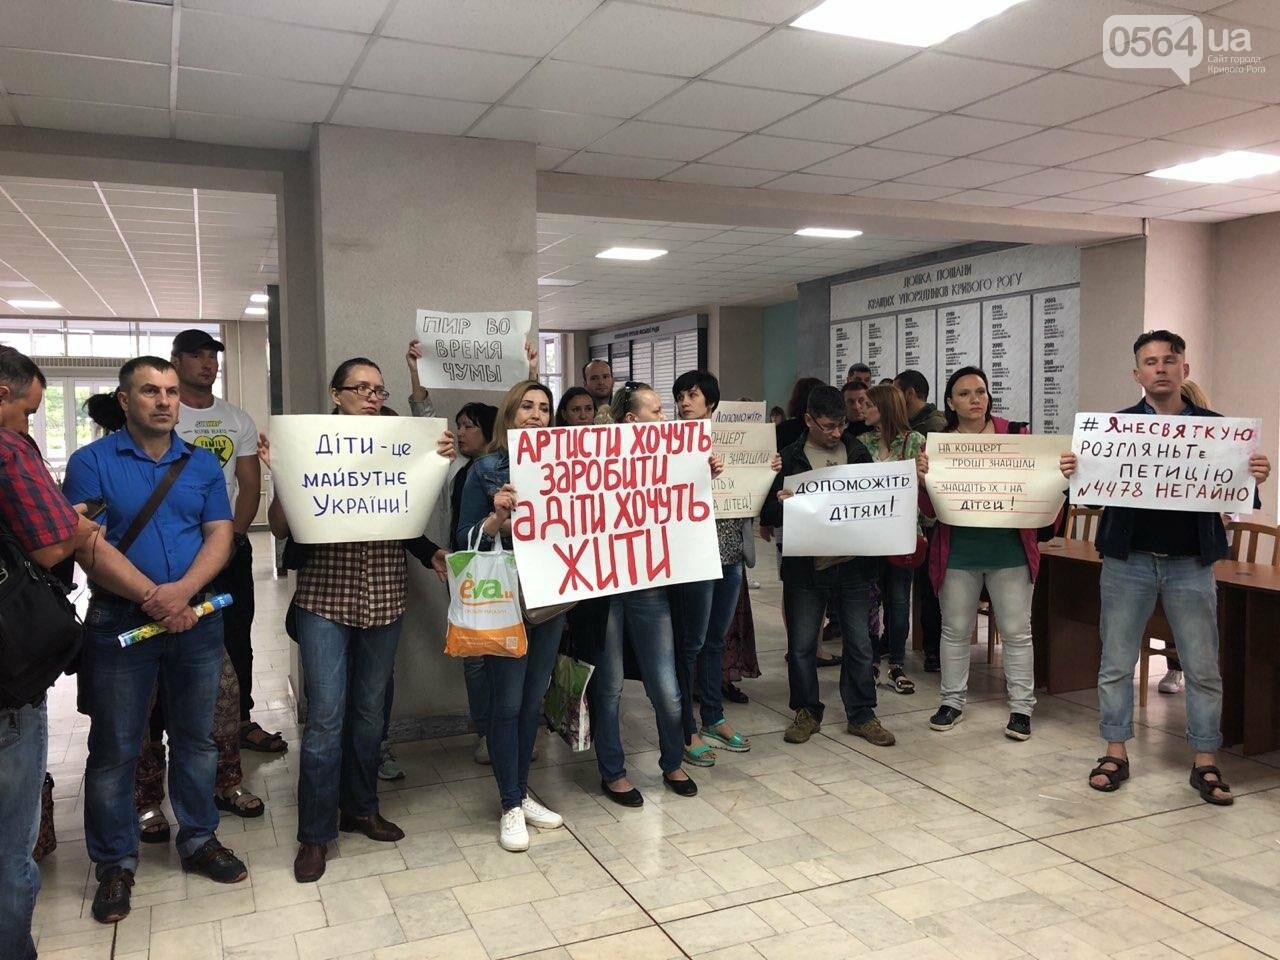 Группа неравнодушных криворожан пикетировала мэрию, чтобы 4 миллиона направить онкобольным детям, - ФОТО, фото-1